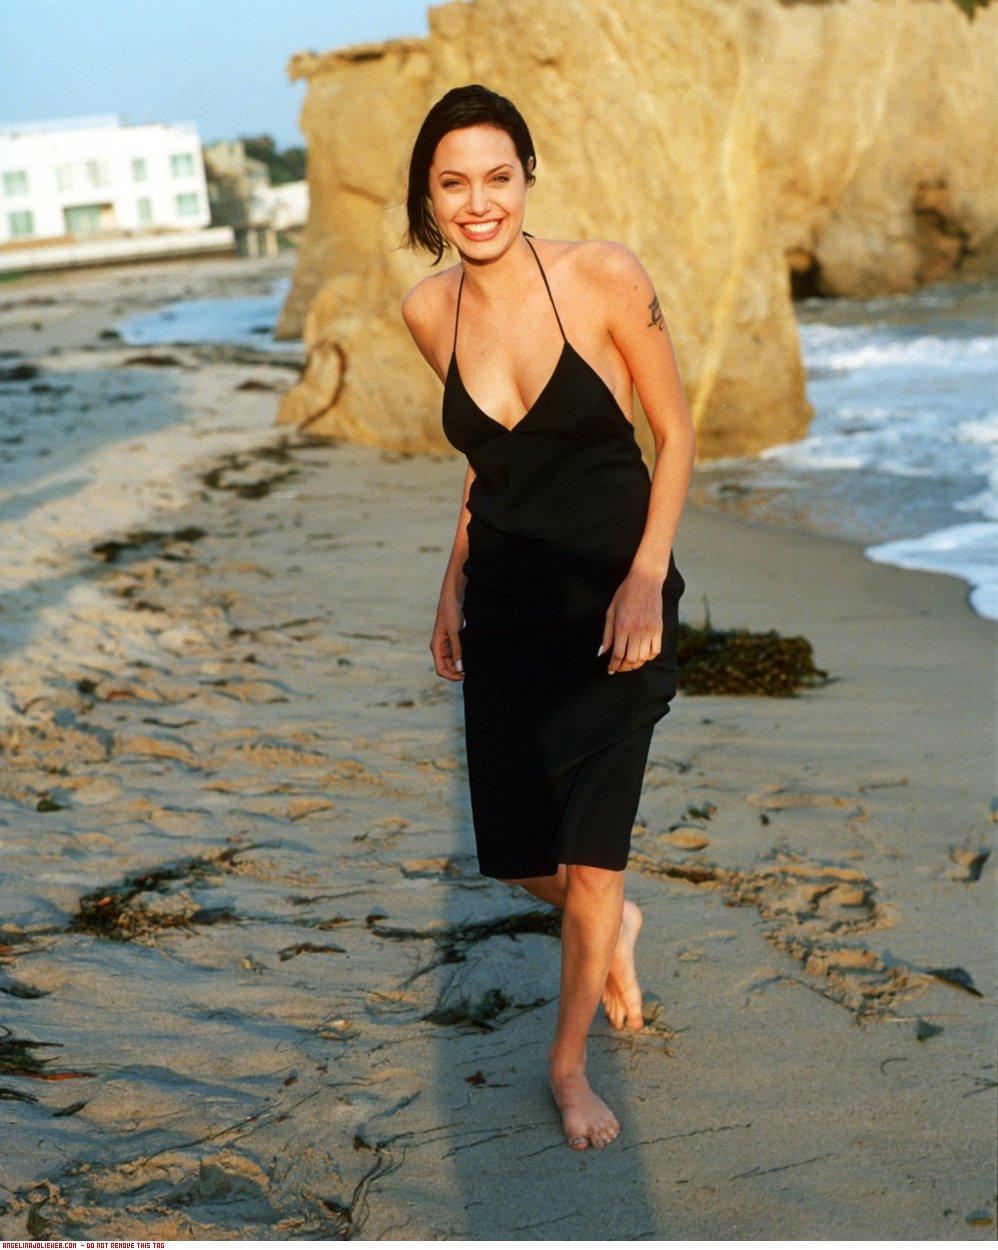 Angelina Jolie Bikini Pics 22